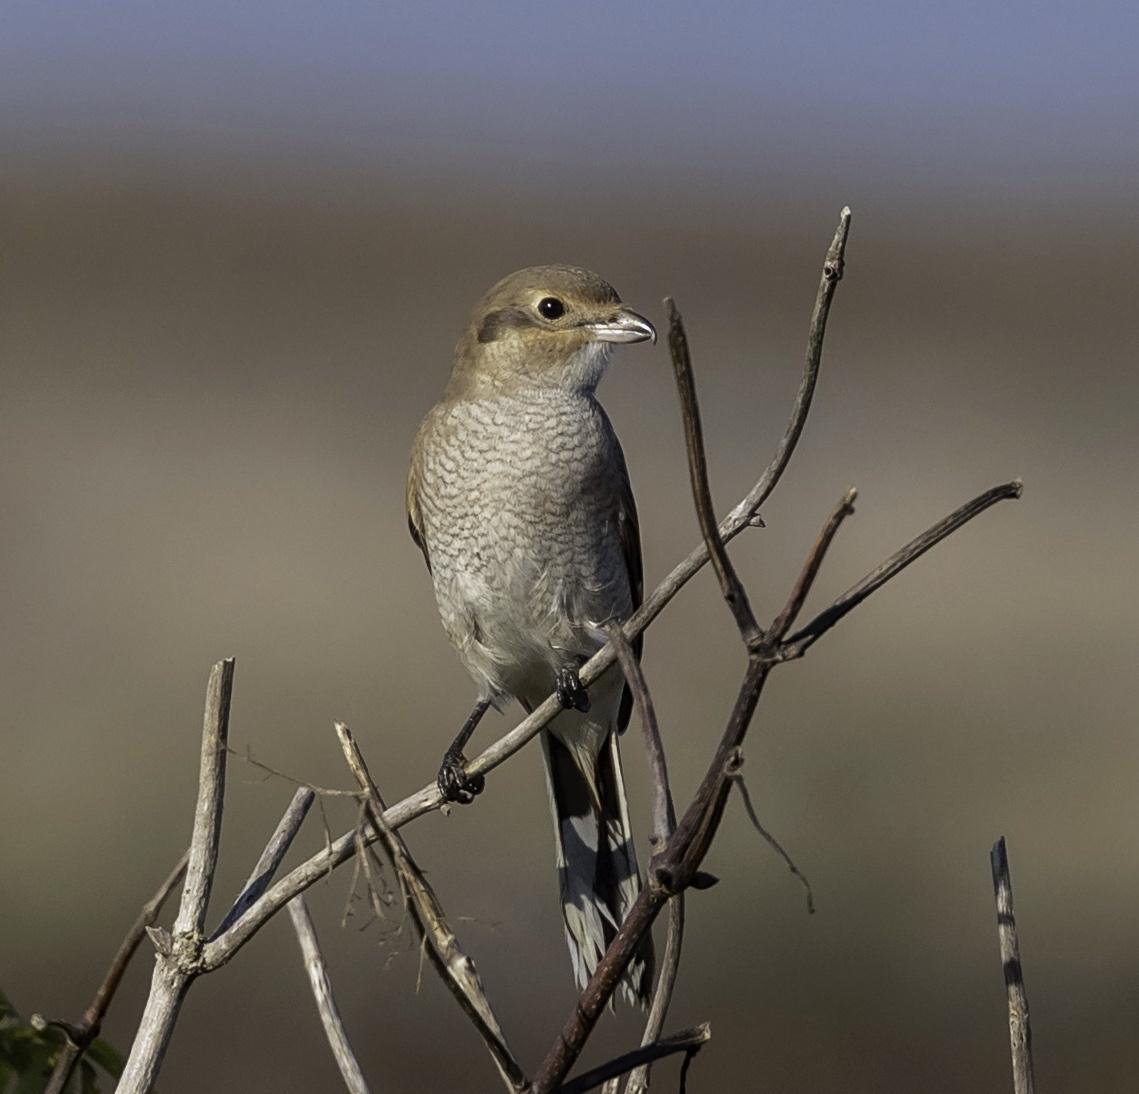 Northern Shrike by Wilma Mckenzie